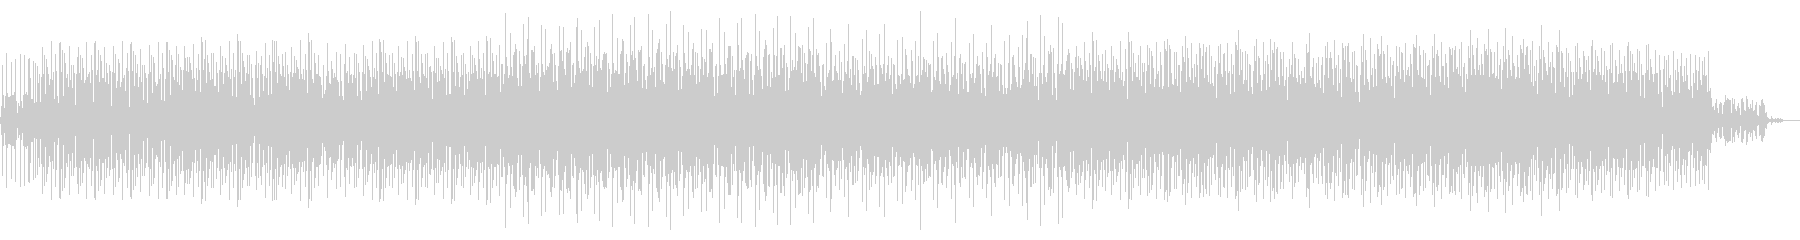 お洒落BGM綺麗系ハウス7分BGM専用の未再生の波形